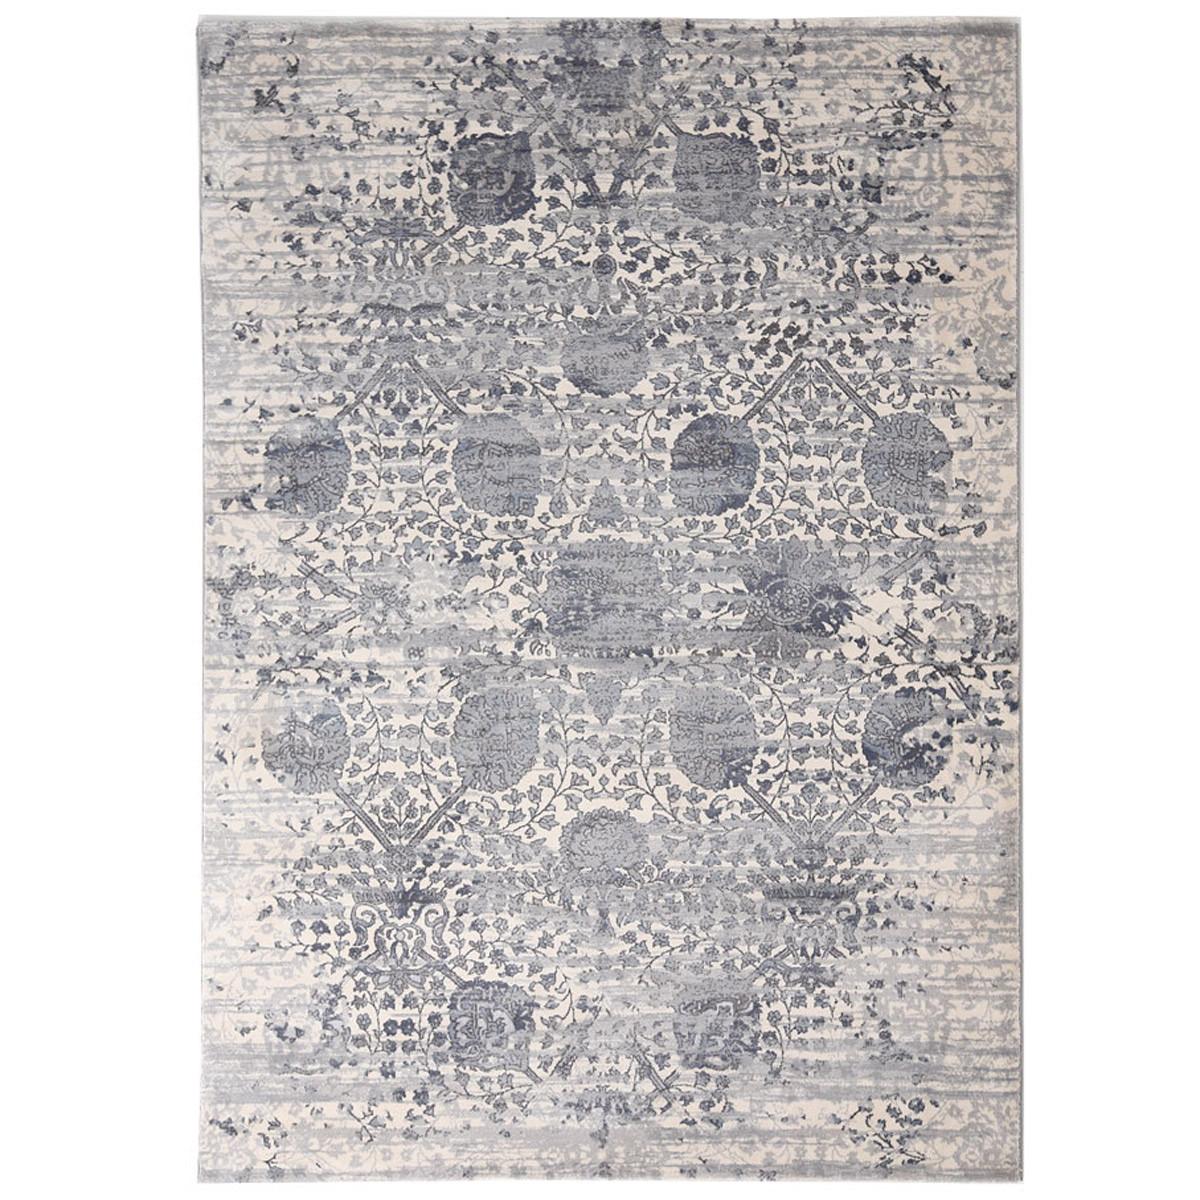 Χαλιά Κρεβατοκάμαρας (Σετ 3τμχ) Royal Carpets Jersey 156 A home   χαλιά   χαλιά κρεβατοκάμαρας